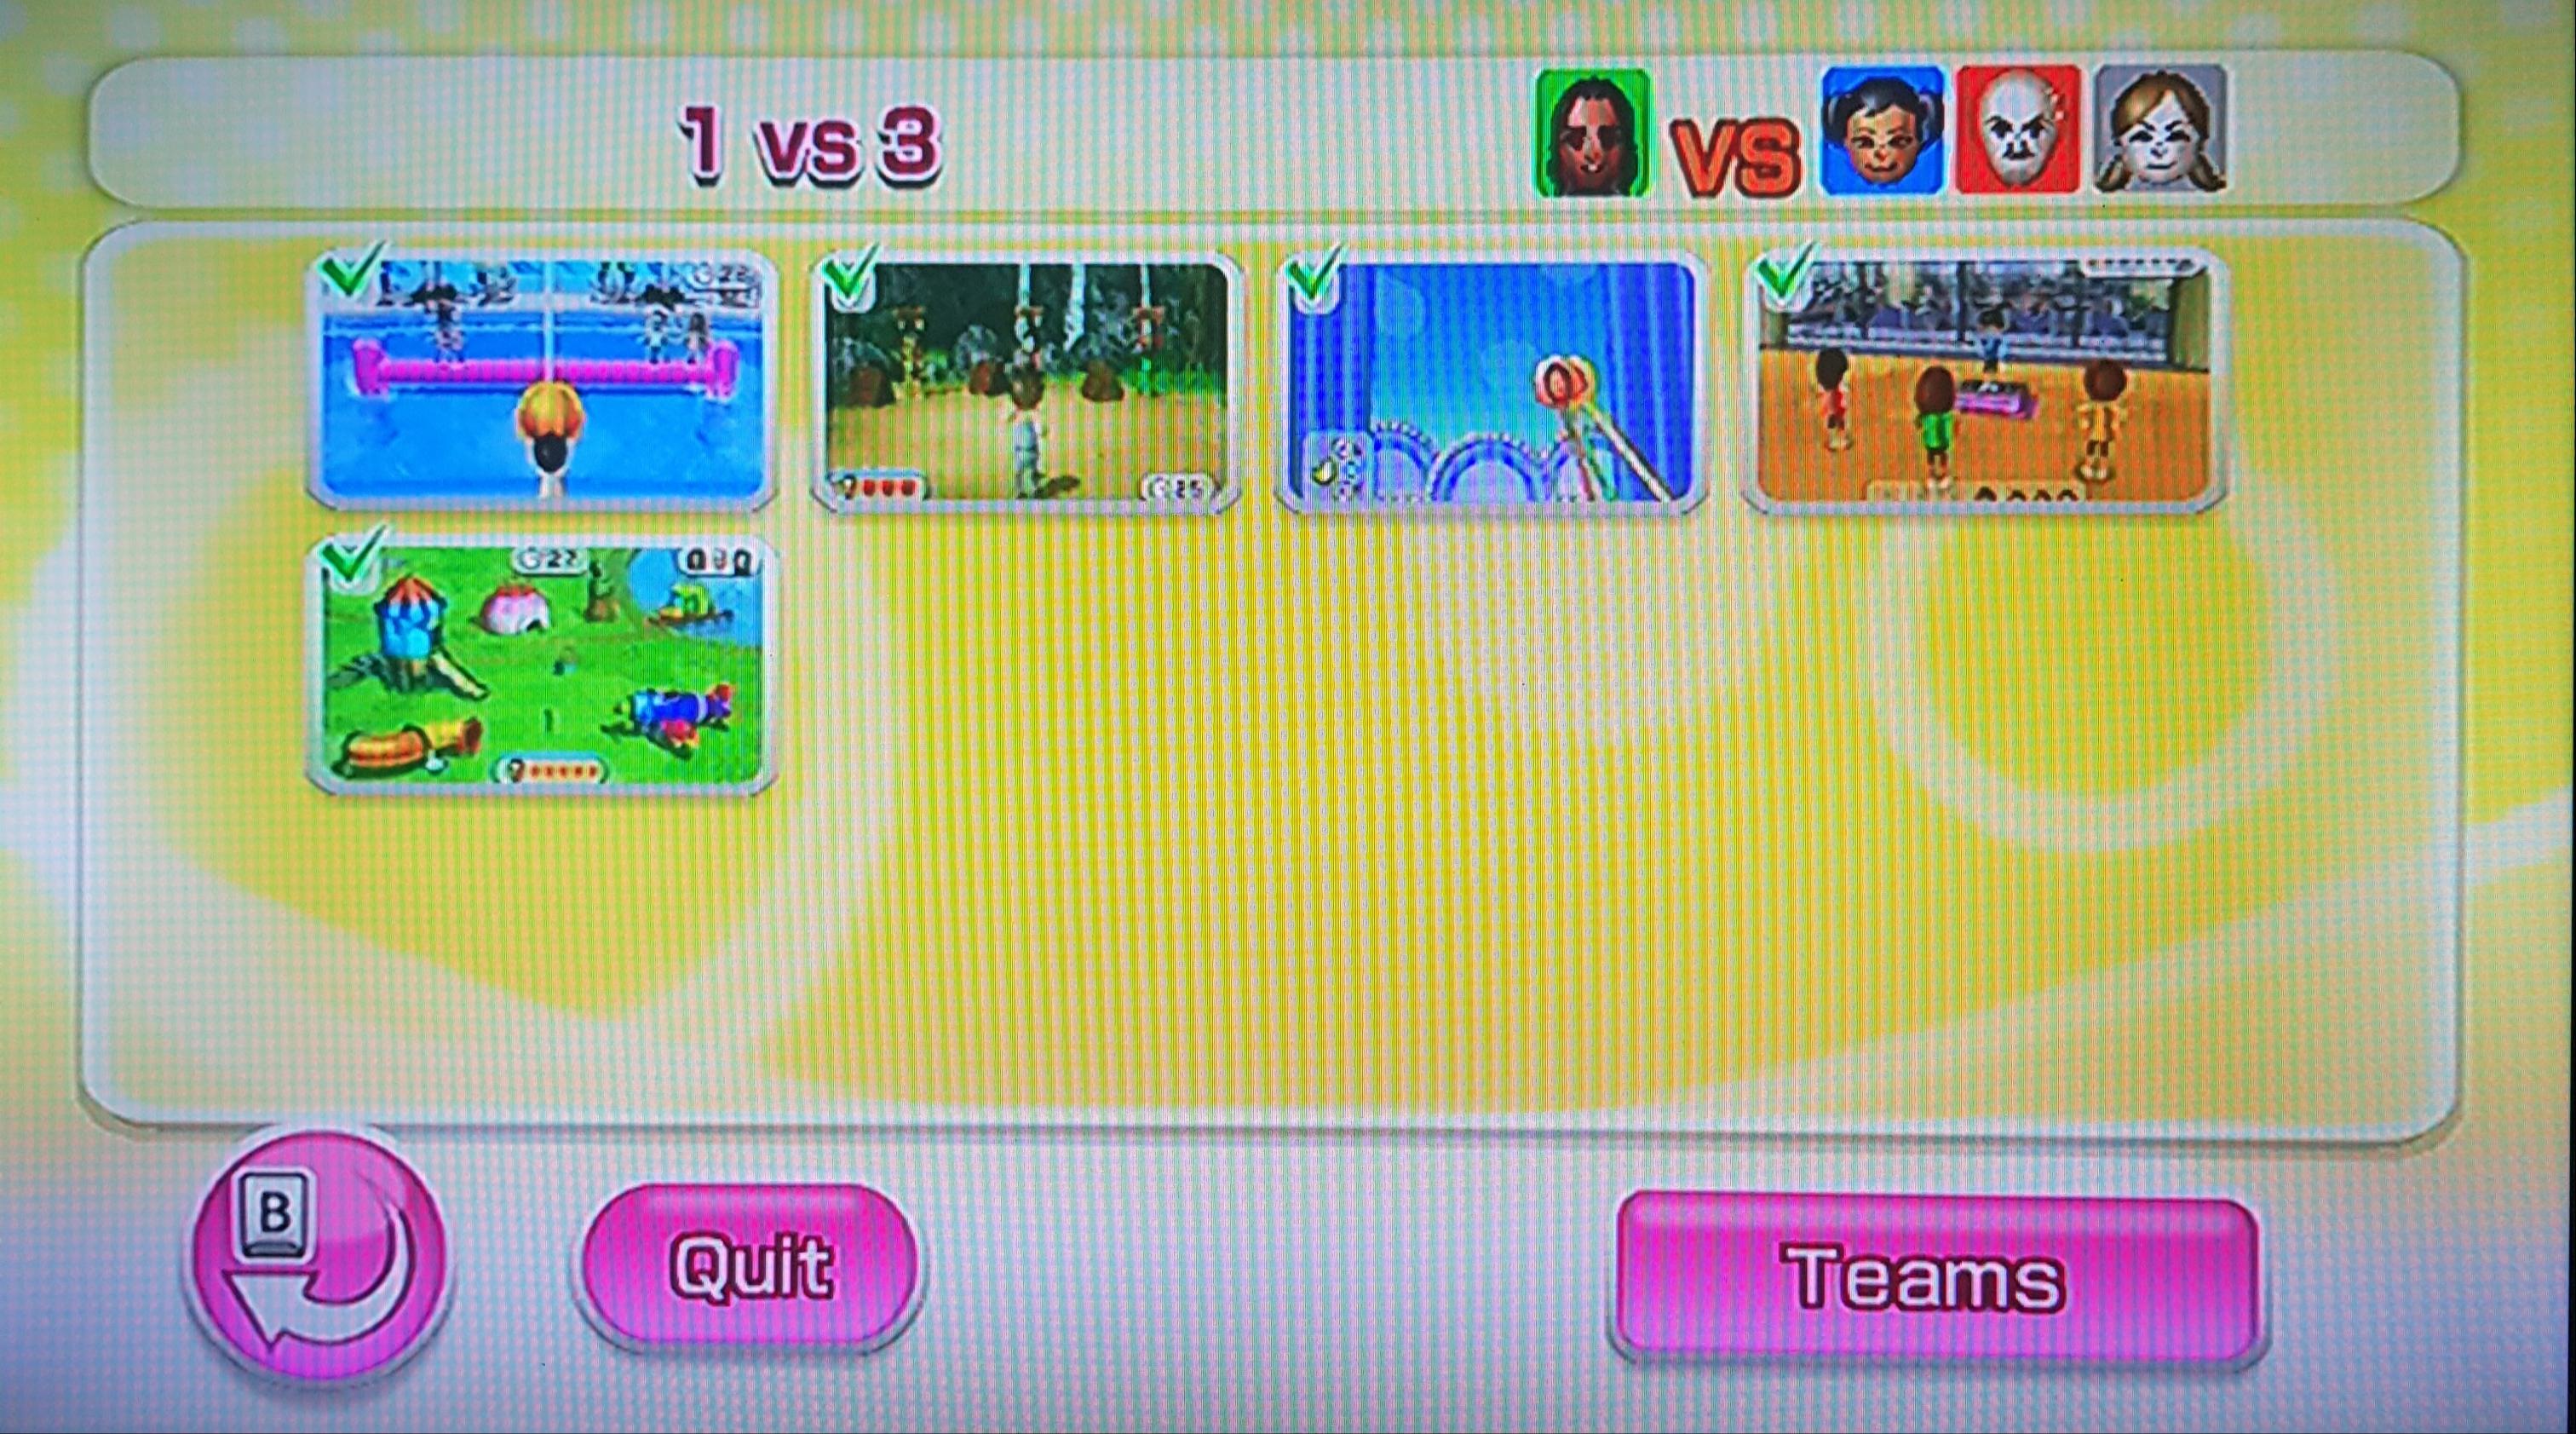 1 vs 3 minigame